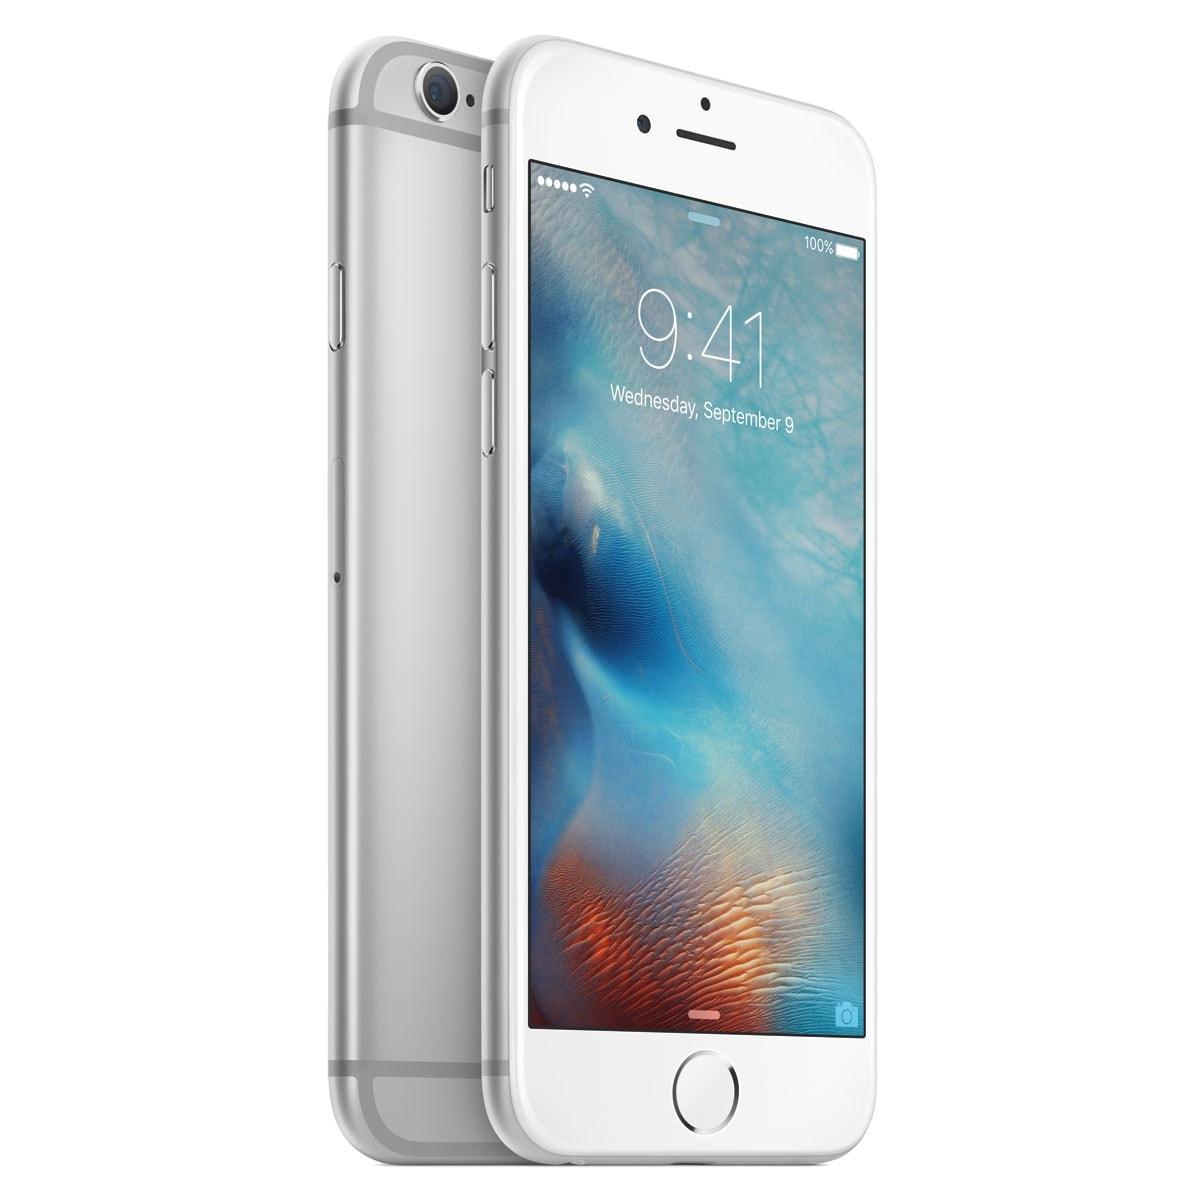 Apple iPhone 6s Plus 16Go Argent - Achat / Vente Téléphonie sur Cybertek.fr - 1